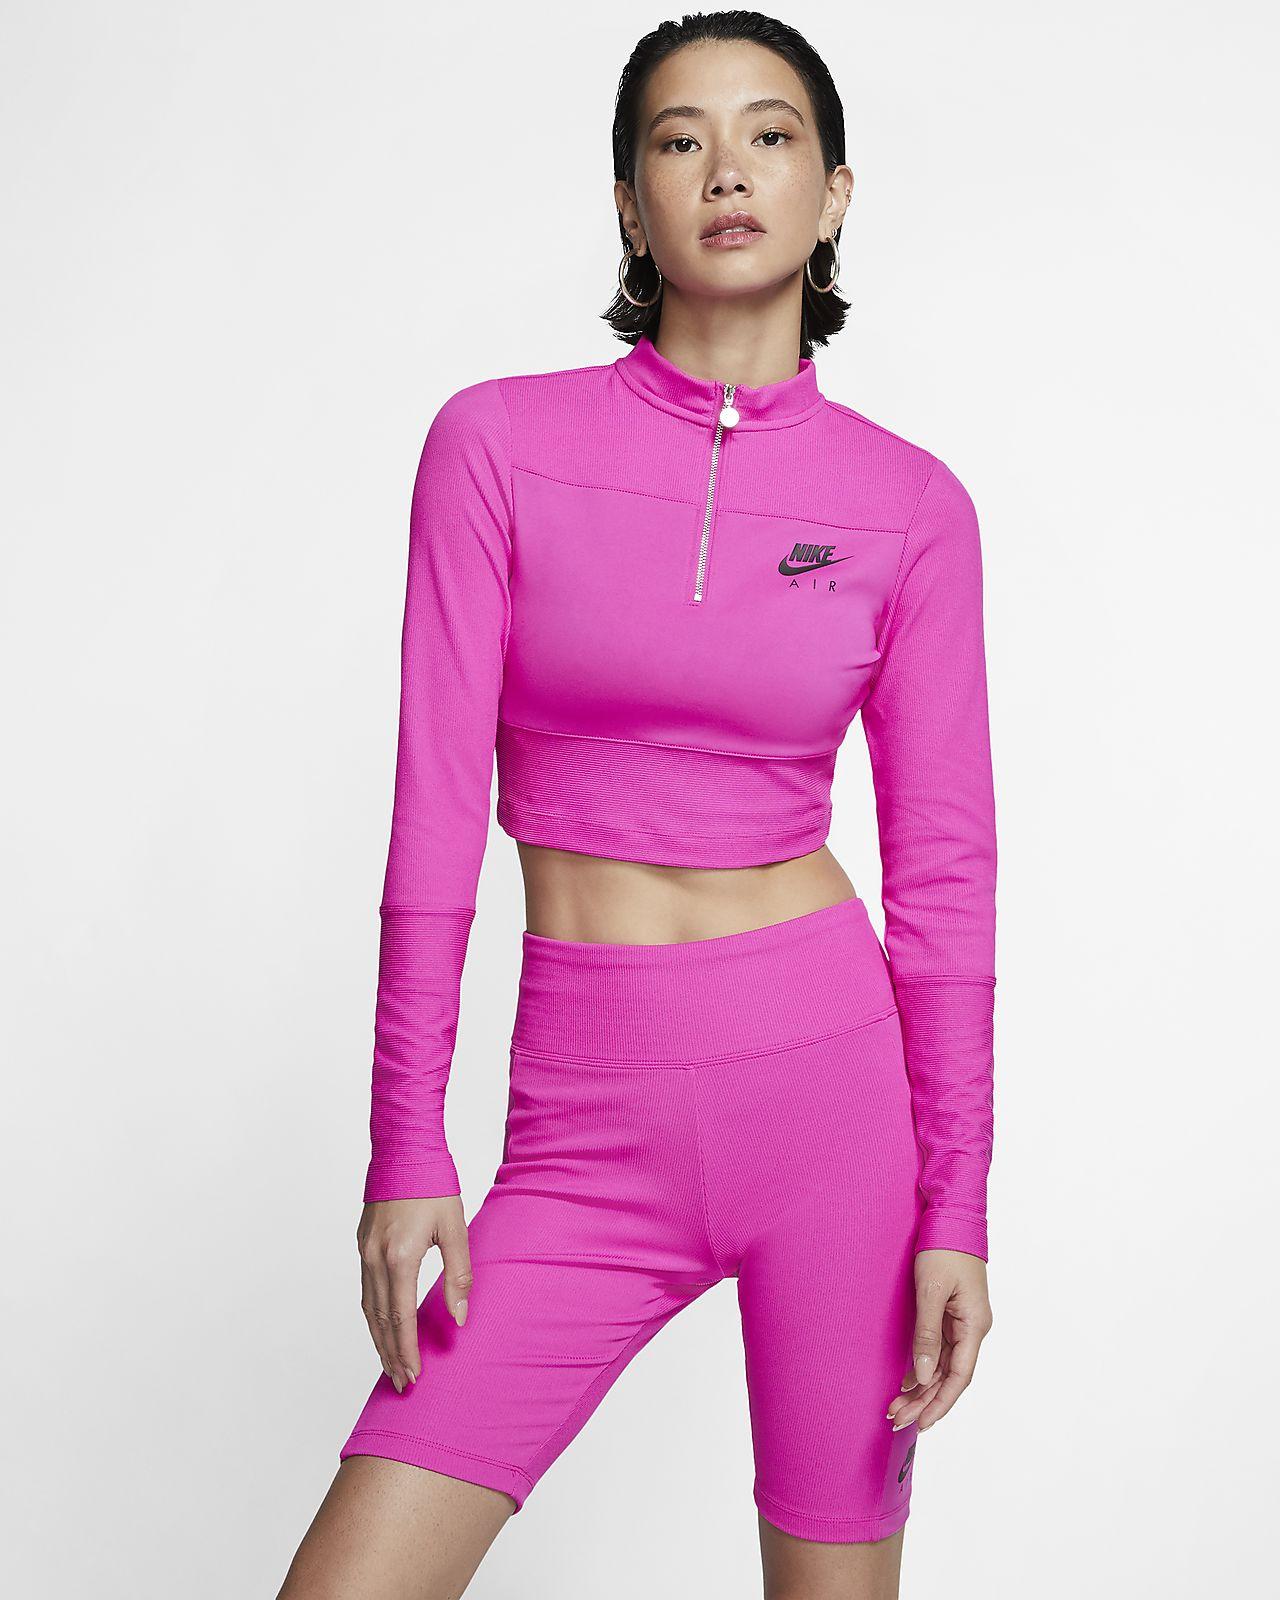 Женская футболка из рубчатой ткани с длинным рукавом Nike Air